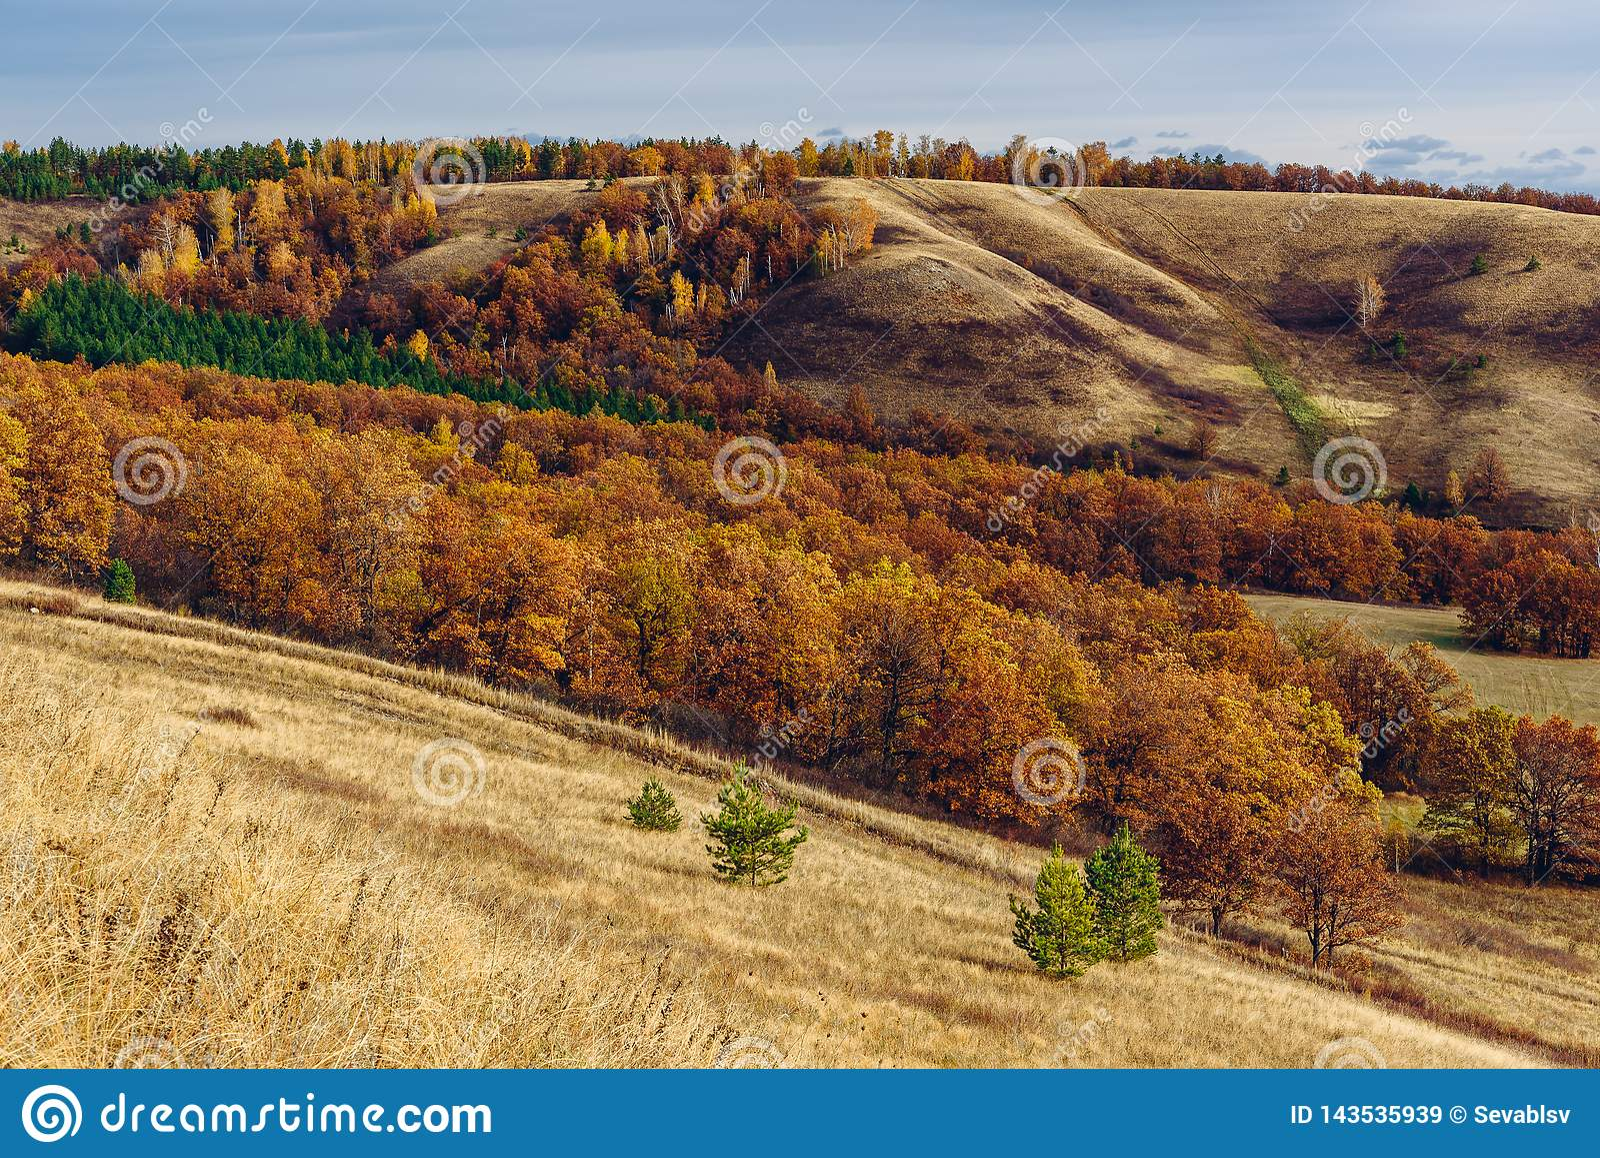 Jesienny las na zboczu